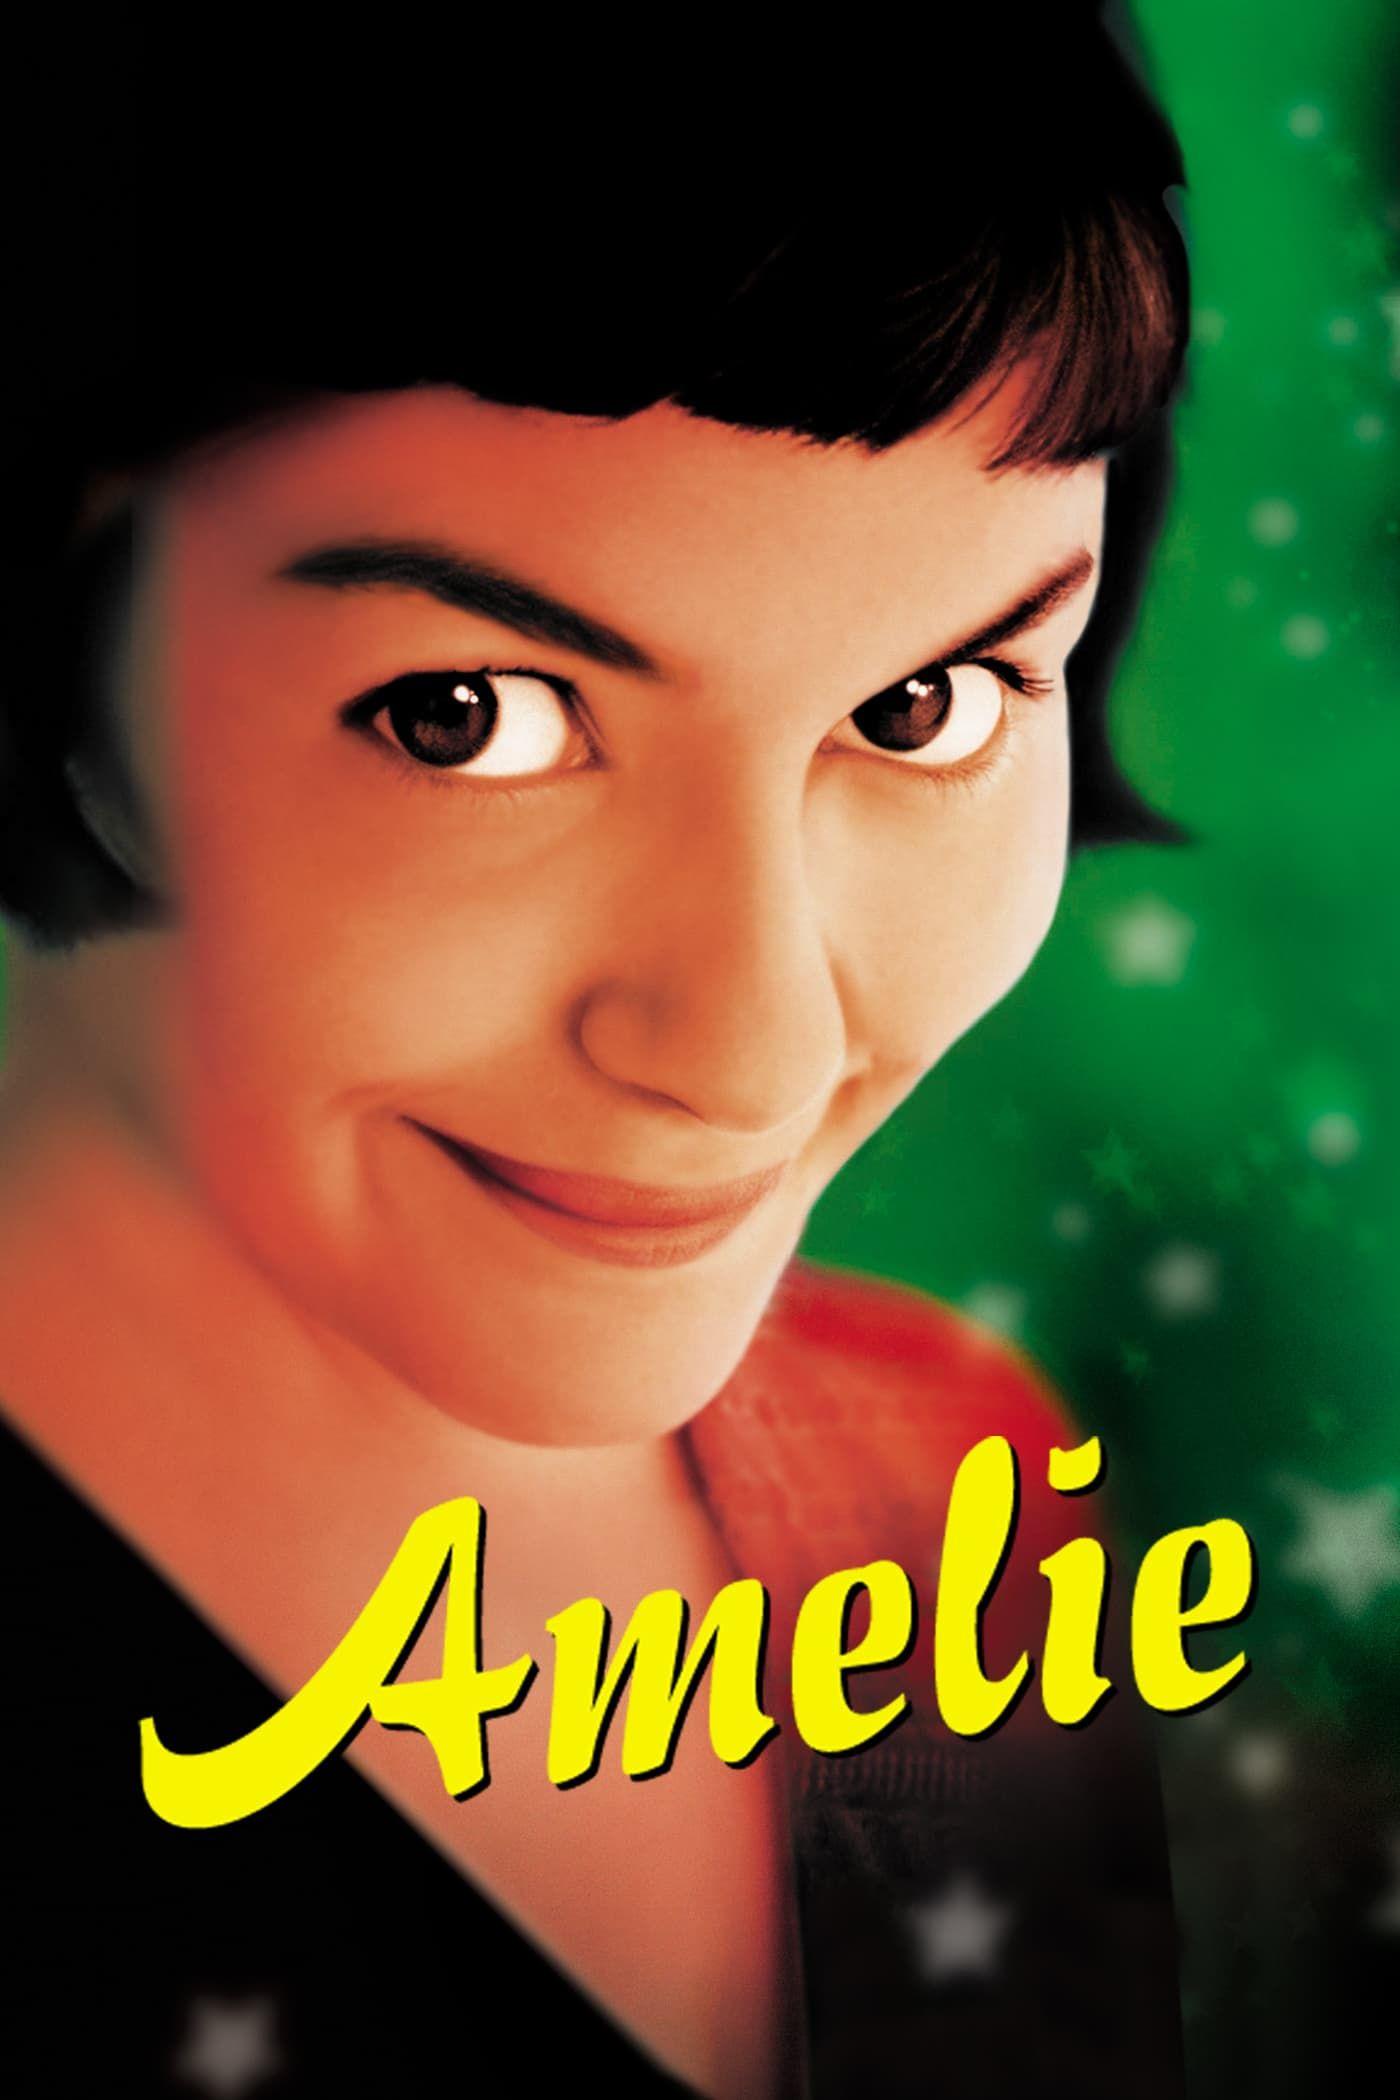 Amelie Elokuva